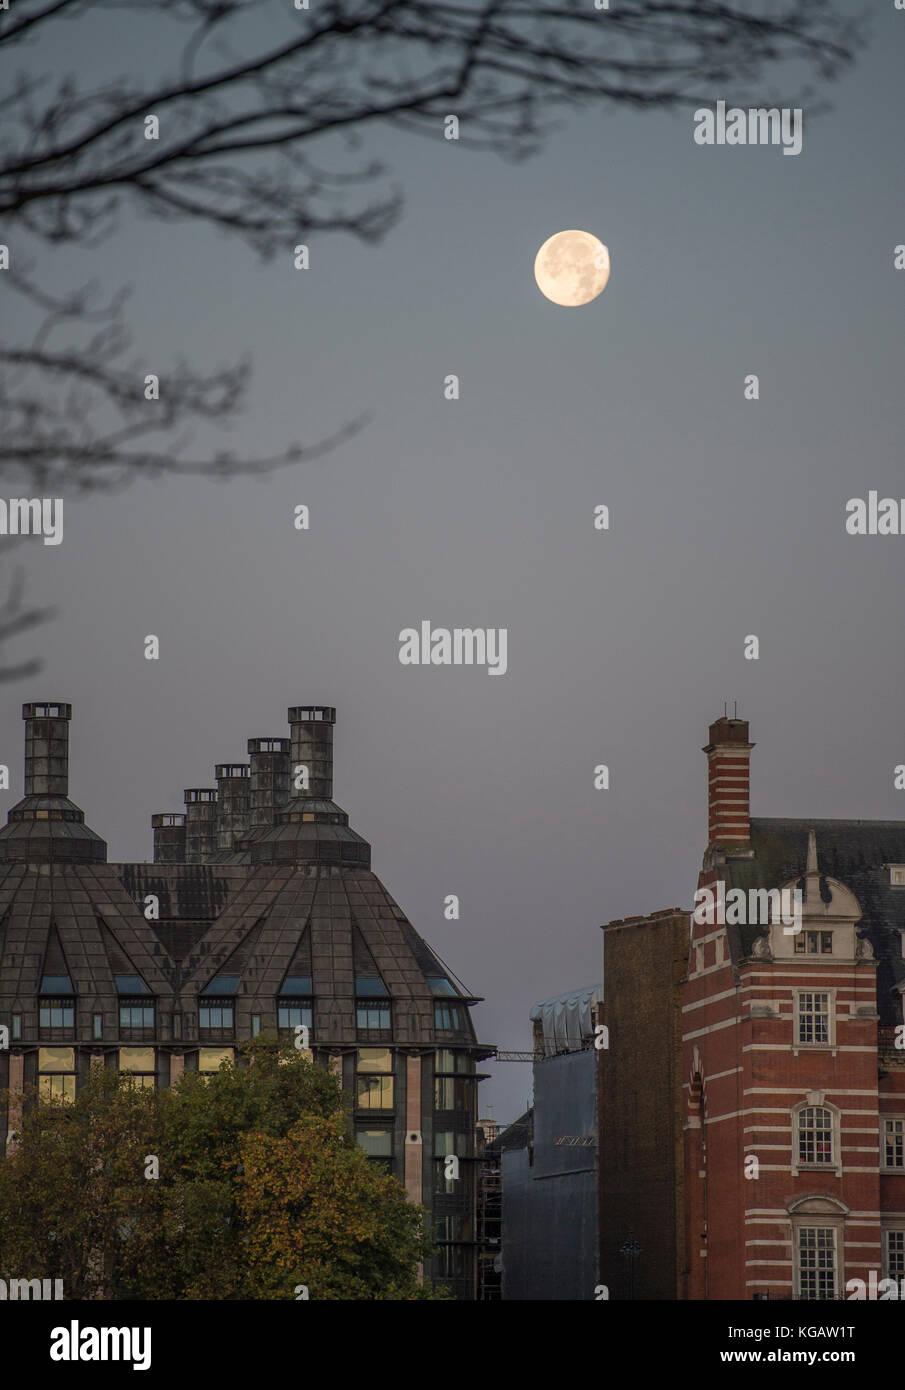 La luna sobre Portcullis House y Old Scotland Yard en amanecer en otoño Foto de stock